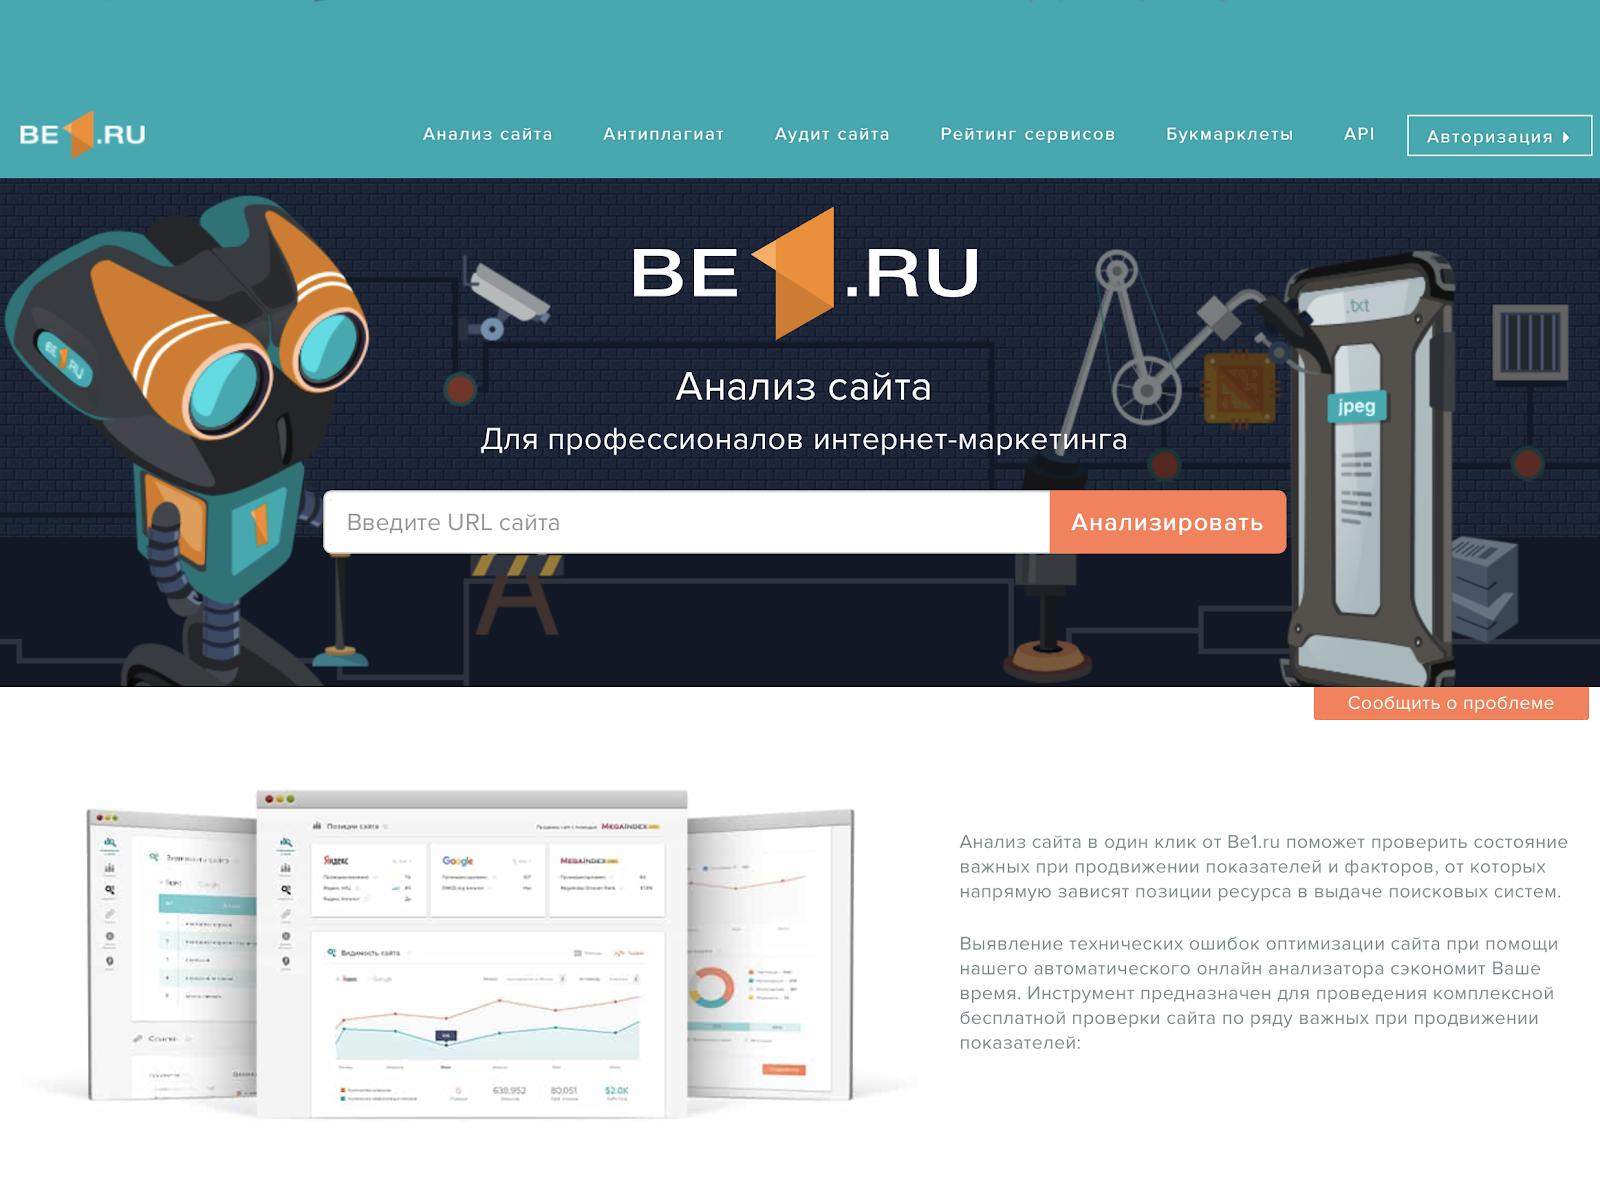 Be1.ru — для профессионалов интернет-маркетинга